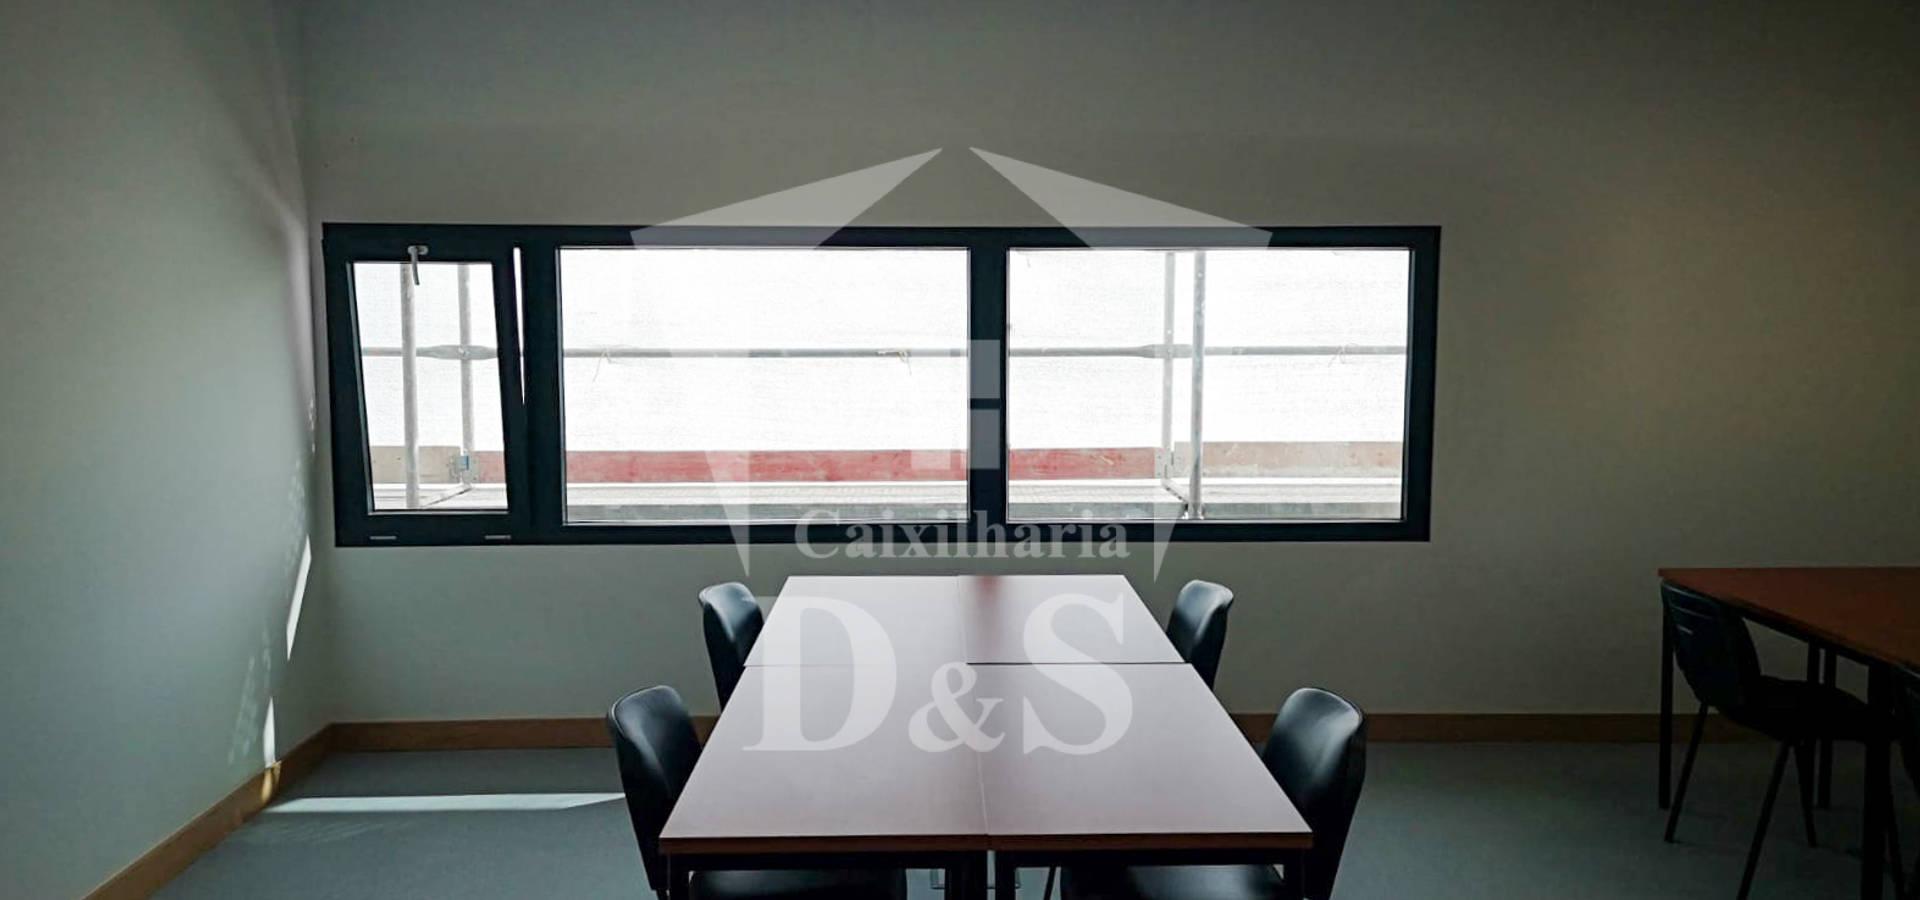 D&S Caixilharia